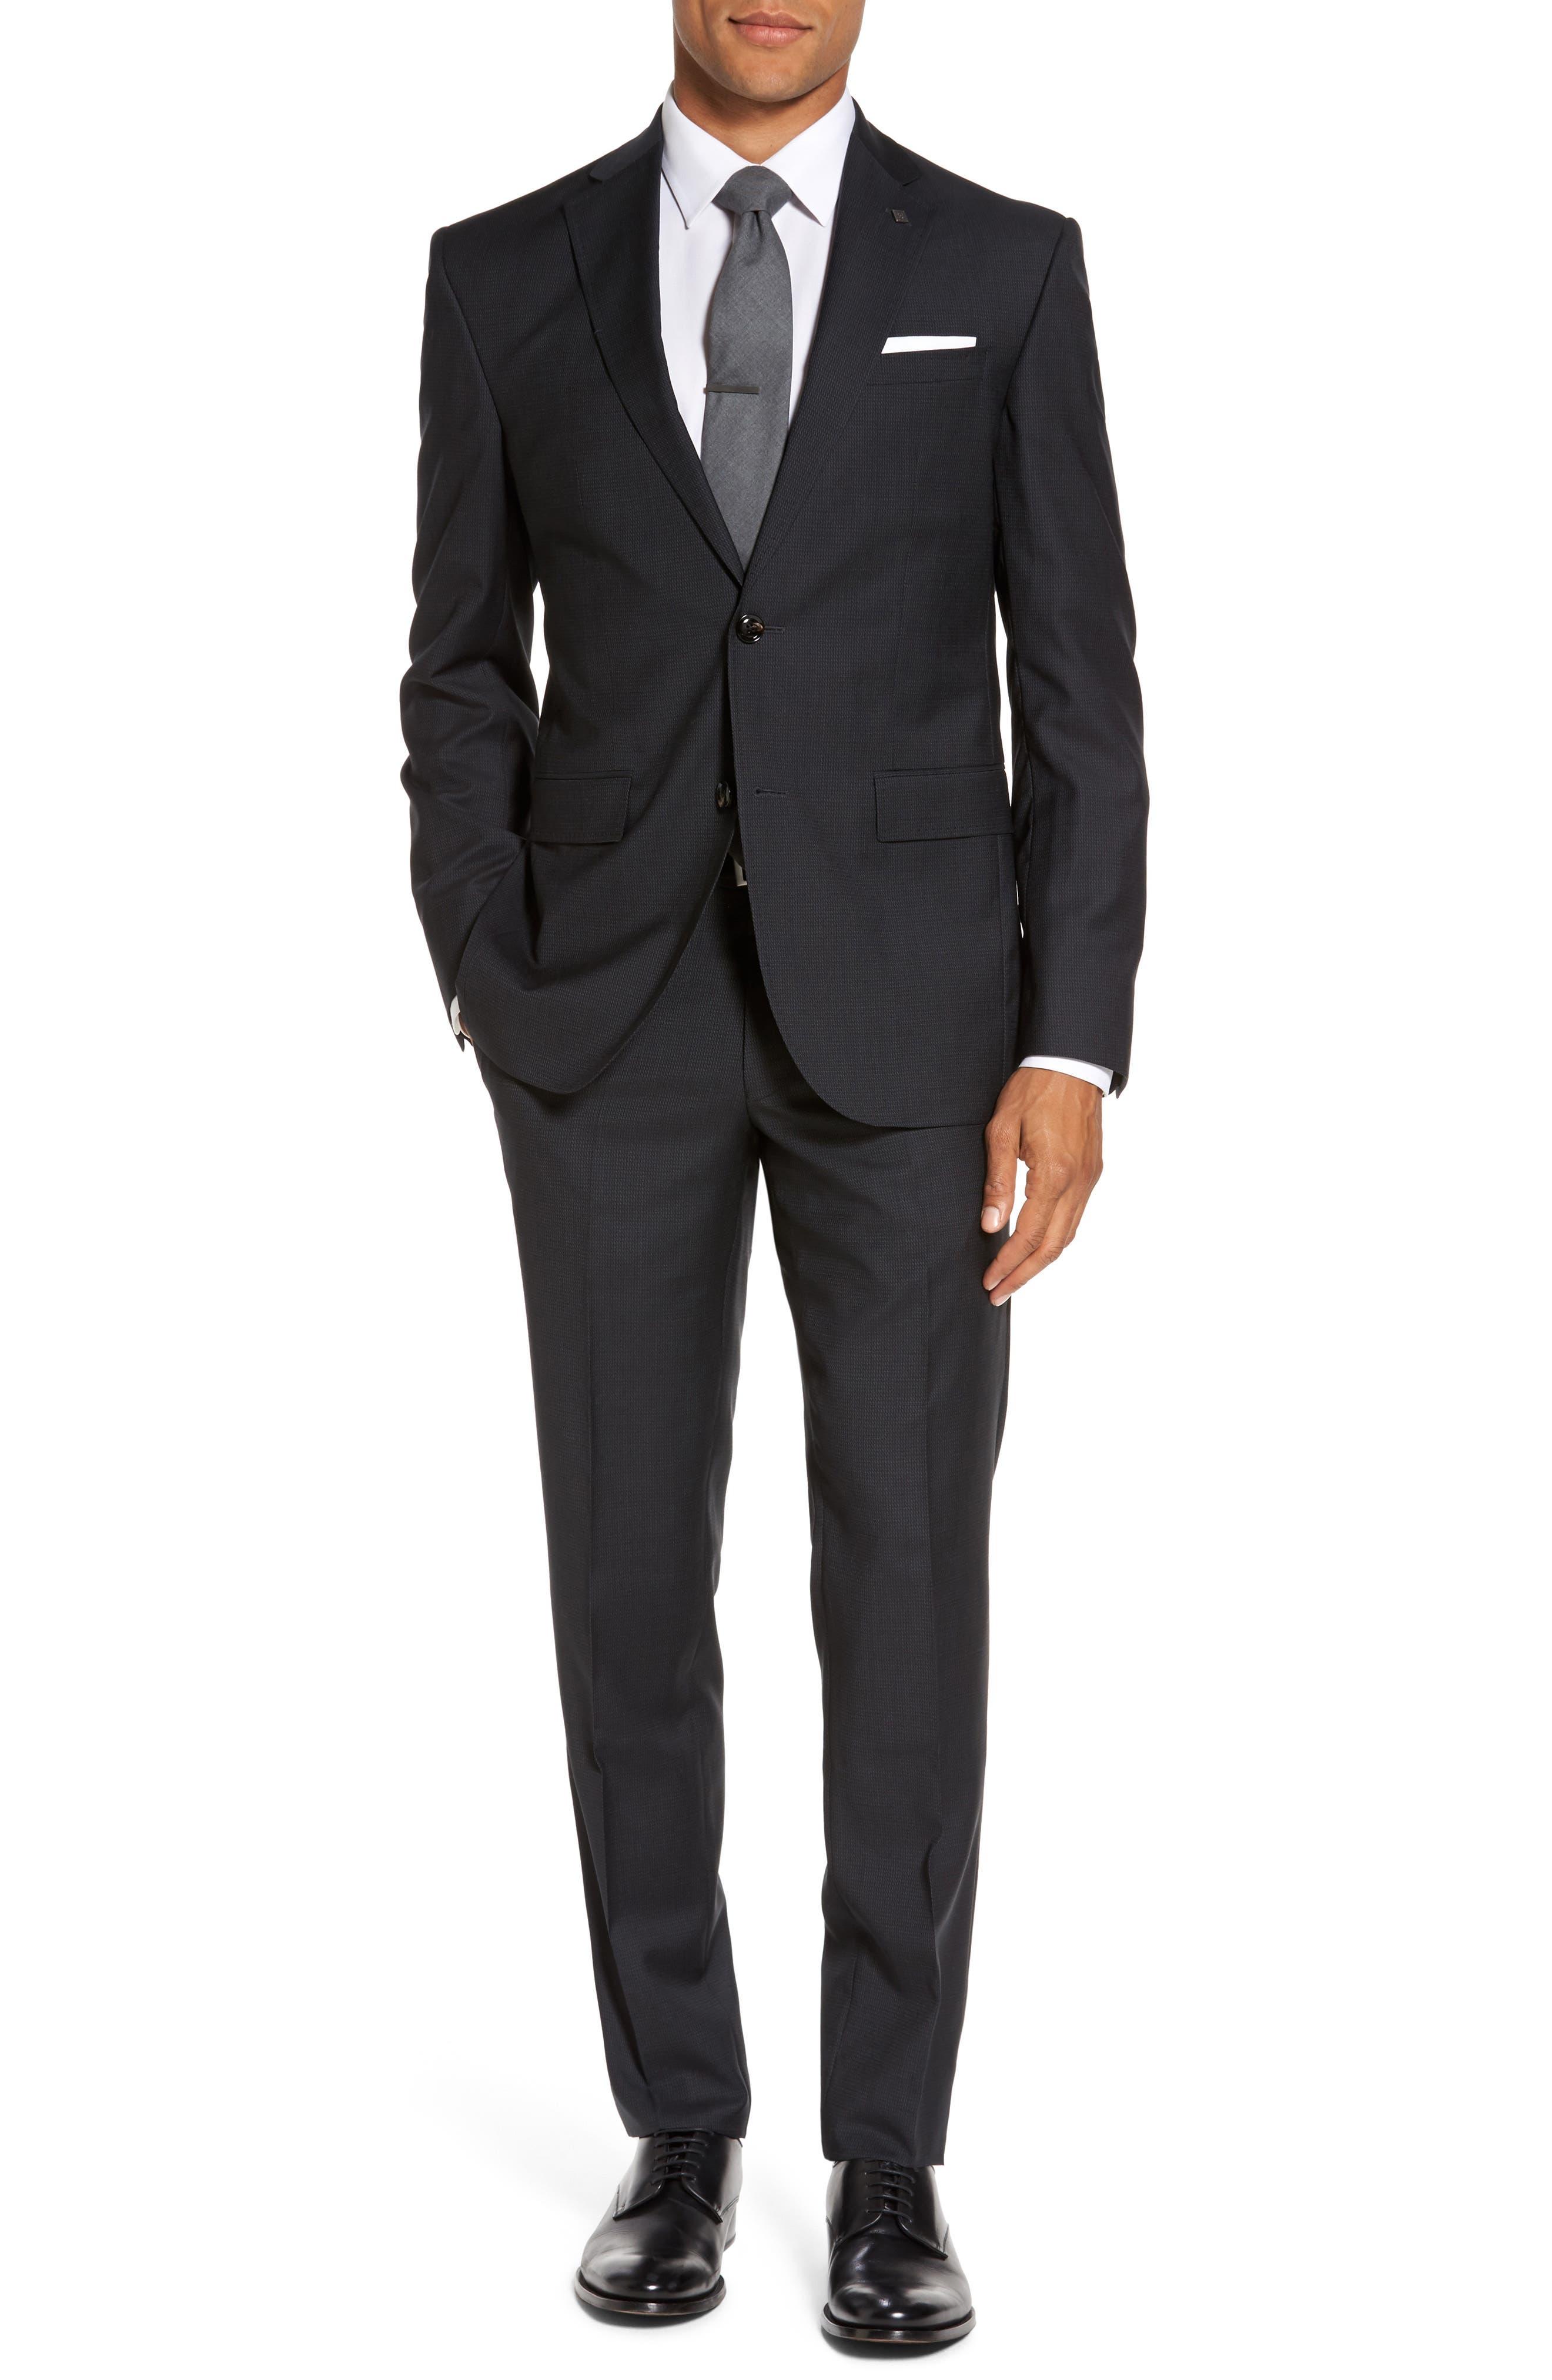 Roger Trim Fit Solid Wool Suit,                         Main,                         color, 001